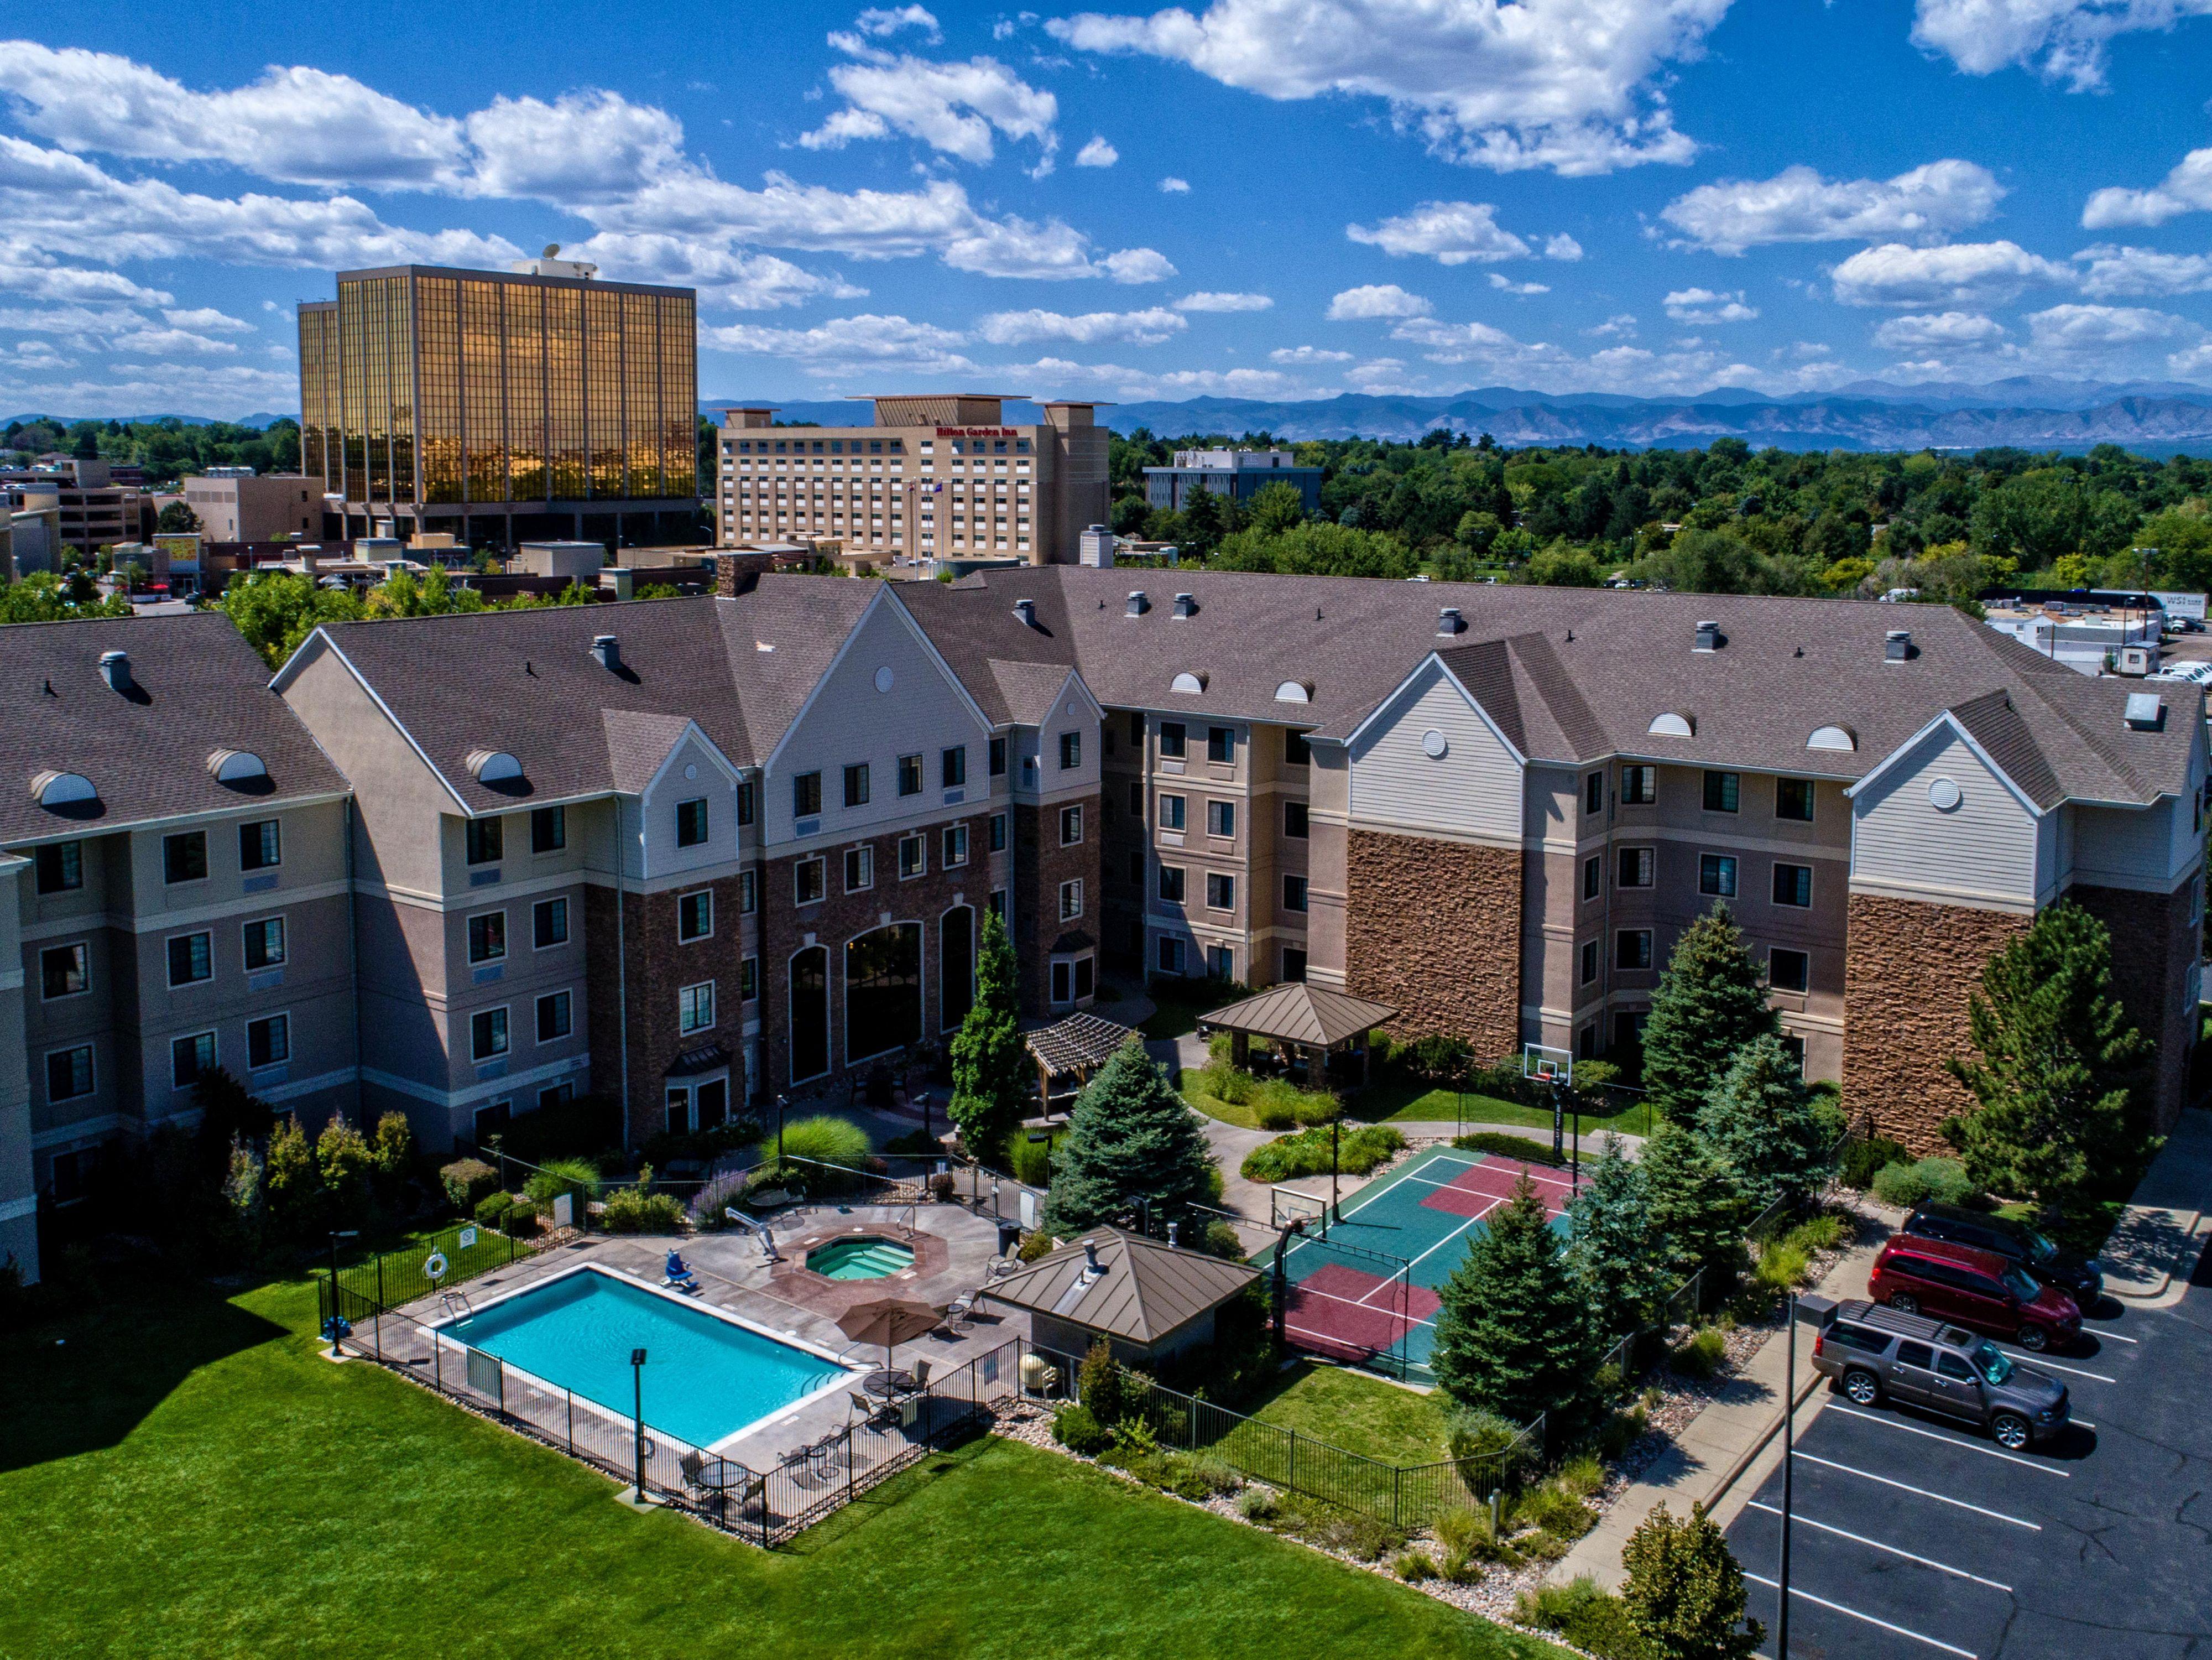 Hotels Near Anschutz Medical Campus In Aurora Colorado